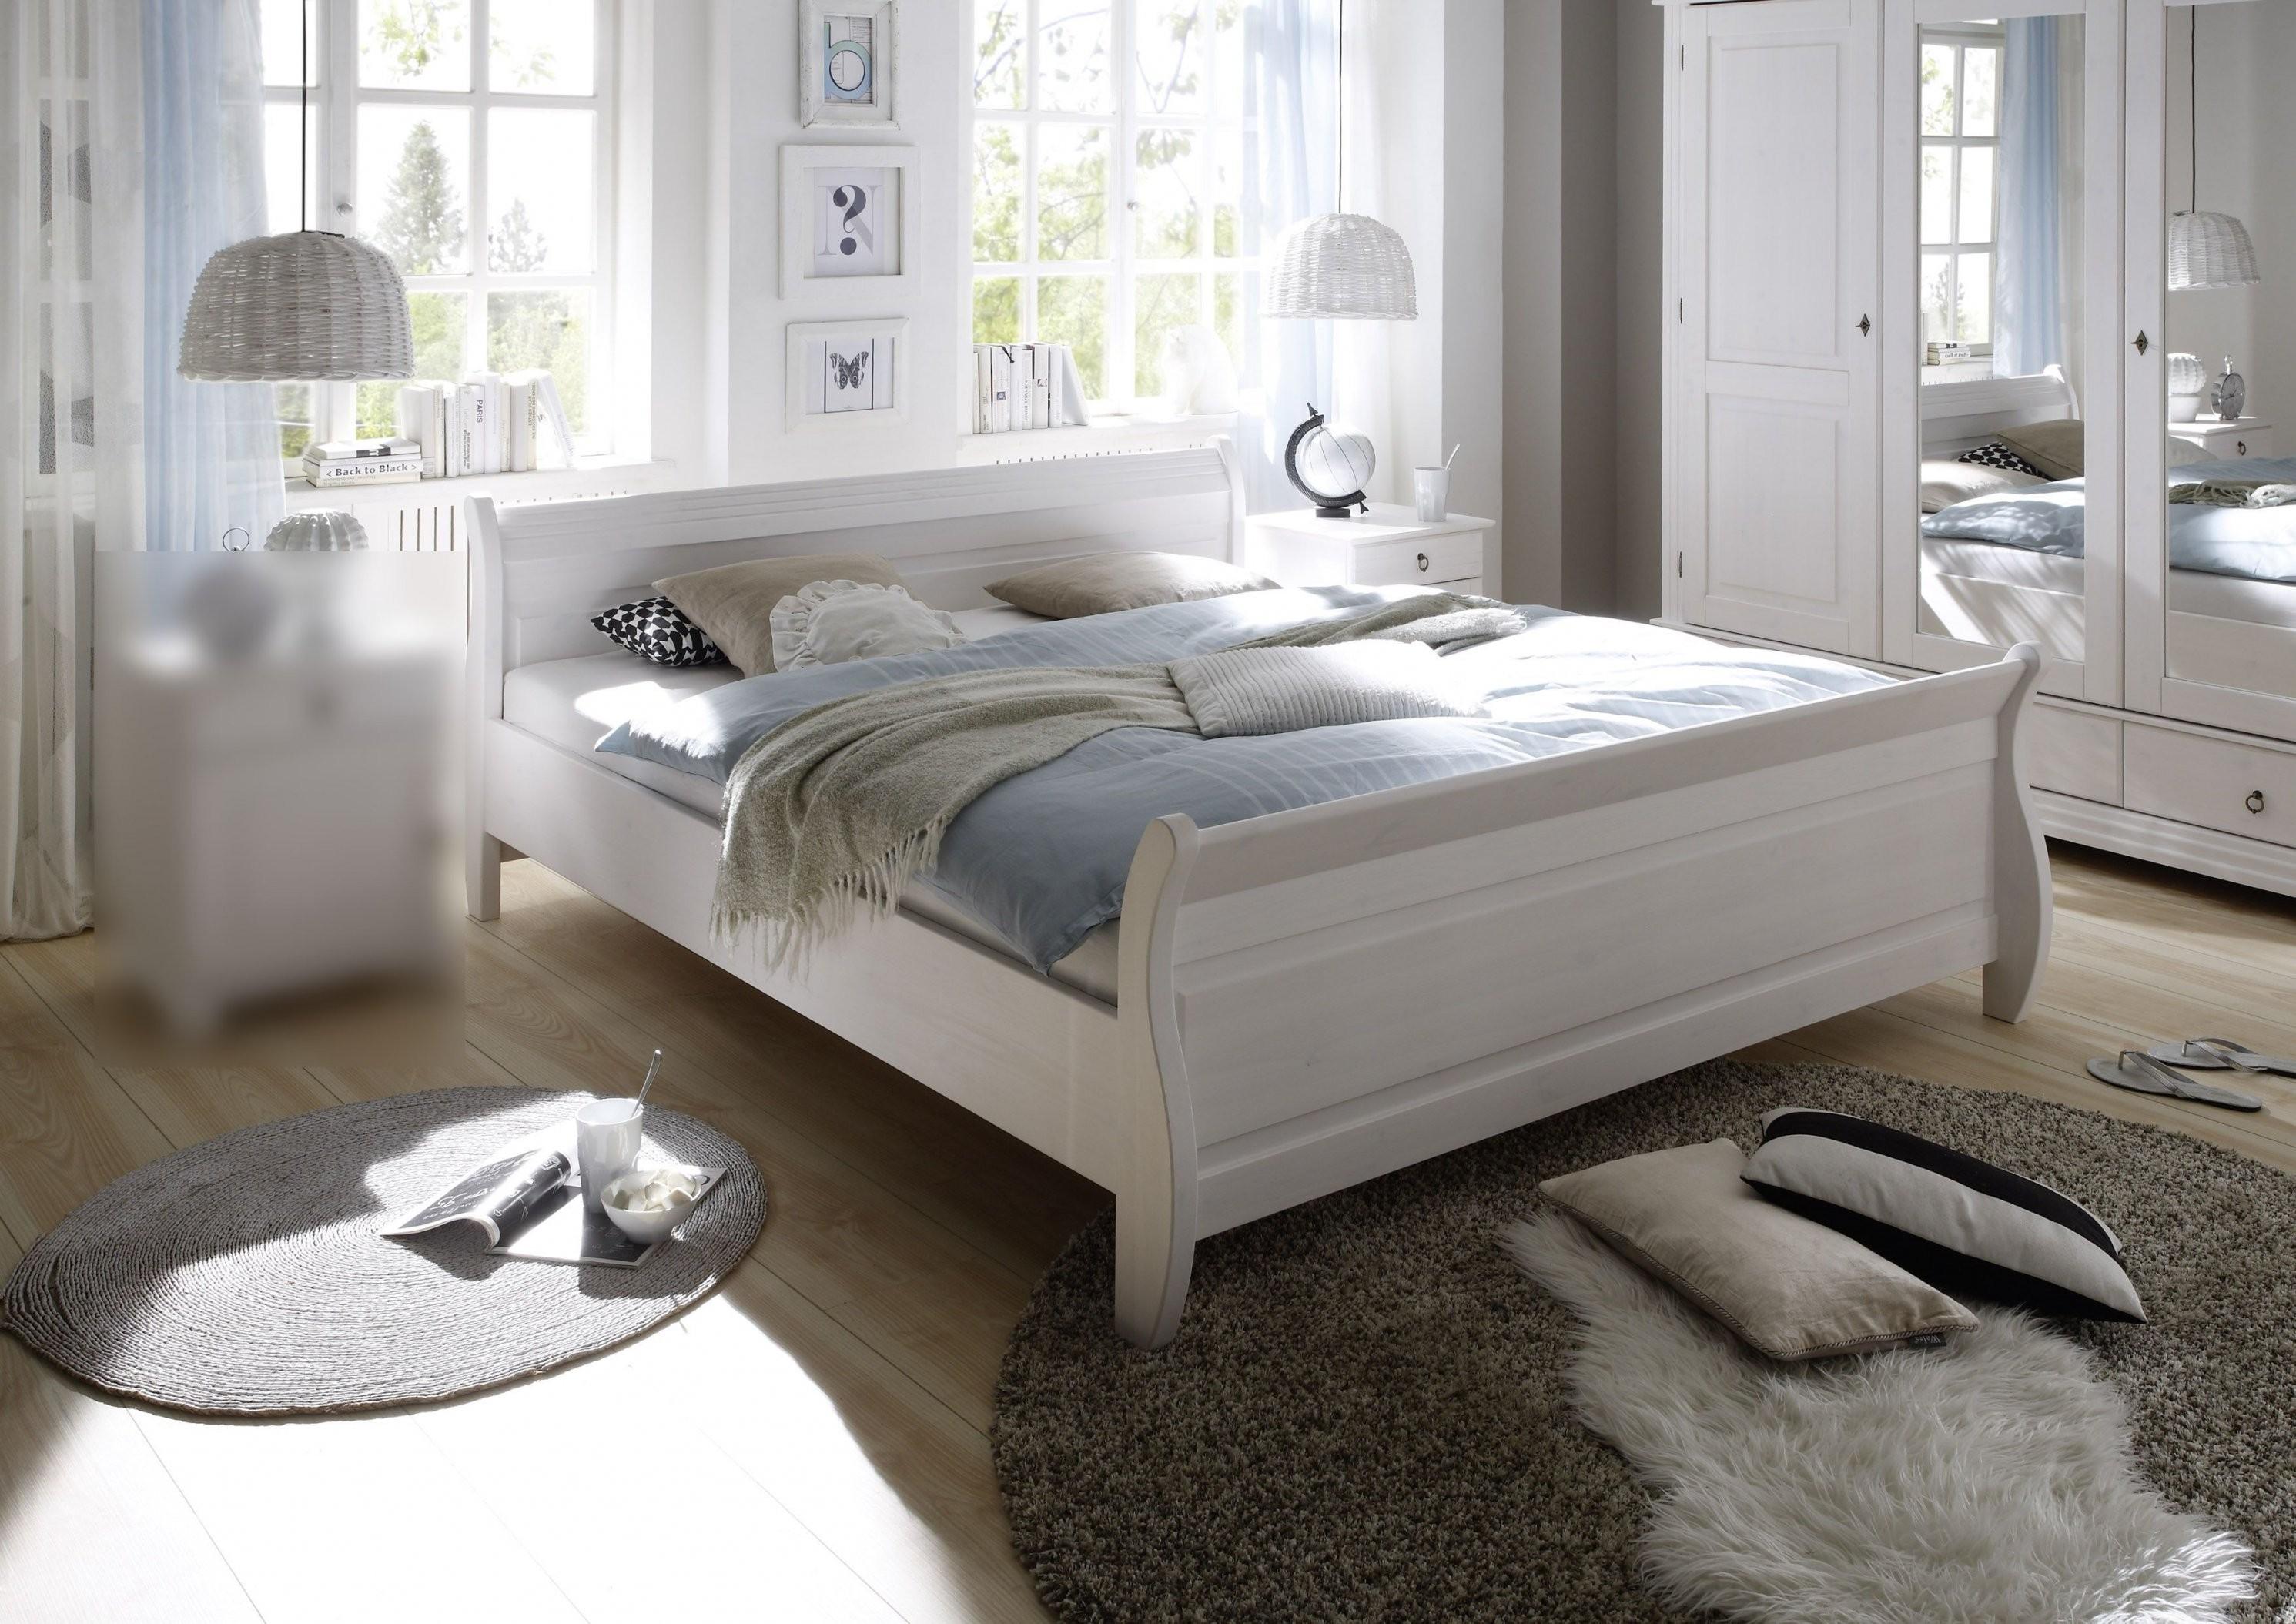 Bett 180 X 200 Landhaus Massiv Kiefer Weiss Mit Maserung Woody 62 von Bett Landhausstil 180X200 Bild